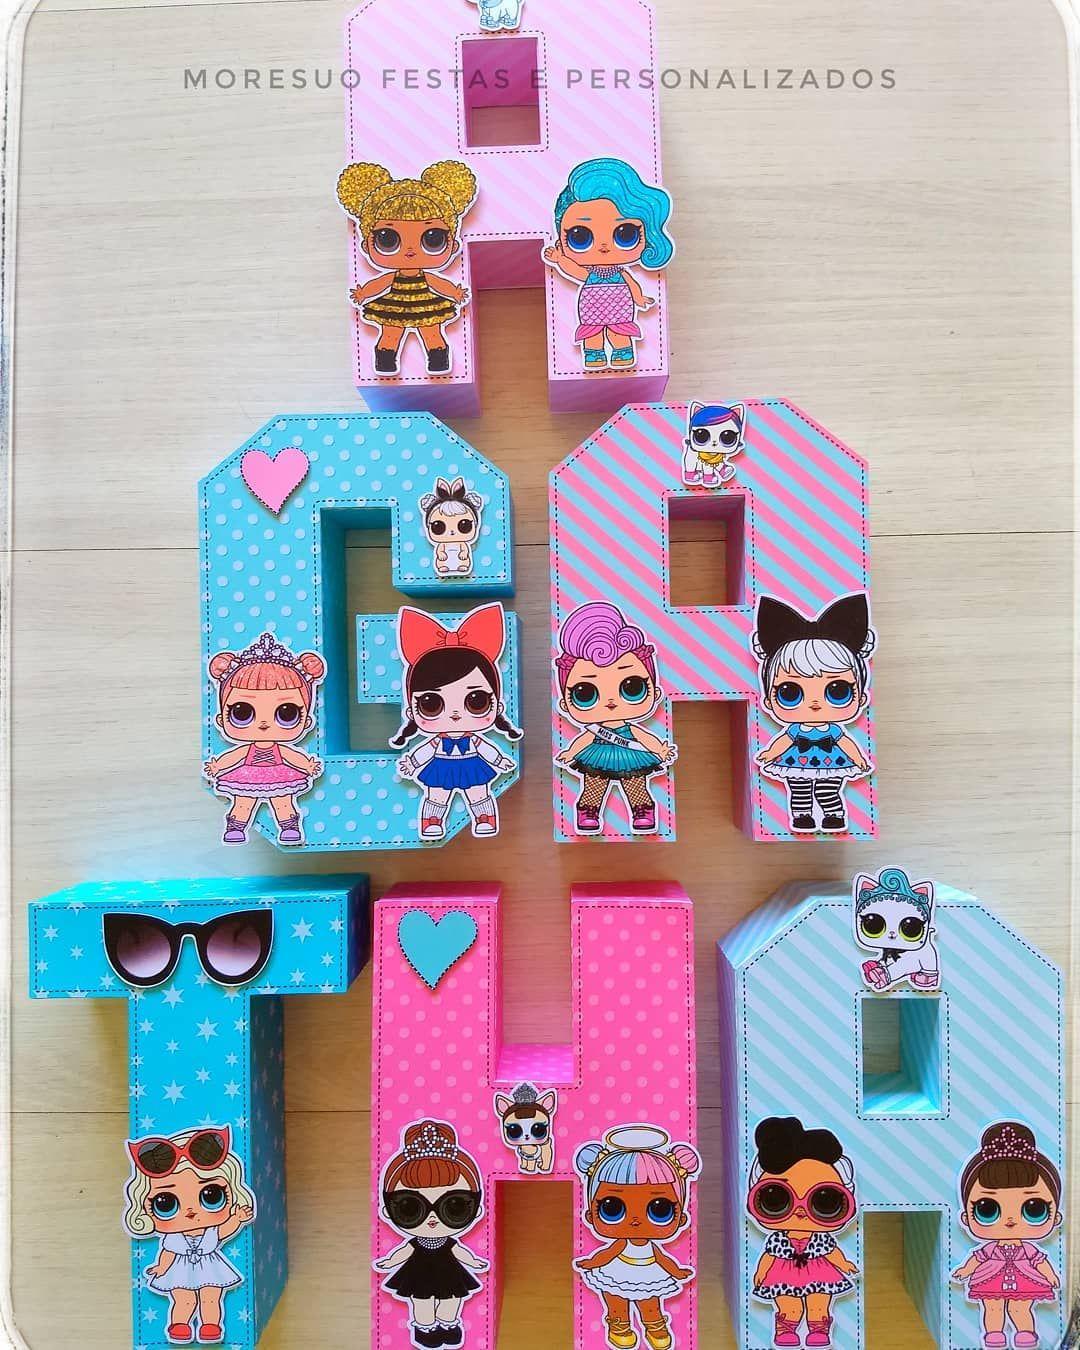 Lol Surprise Moresuo Festapersonalizada Lolsurprise Festalol Letras3d Lol Dolls Doll Party Lol